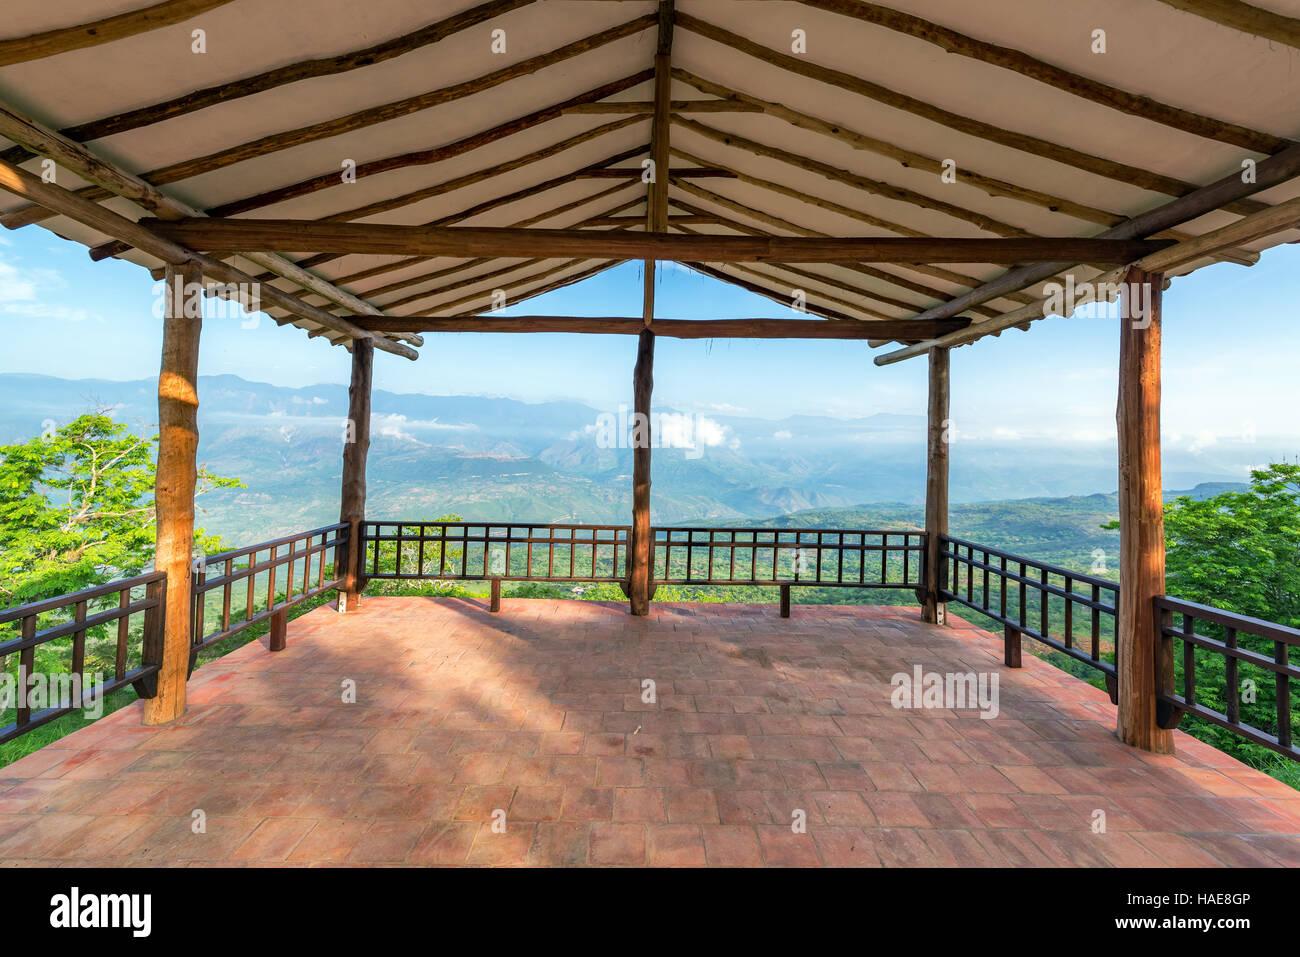 Aussichtspunkt in Barichara, Kolumbien mit Blick auf das Tal unterhalb der Stadt Stockbild